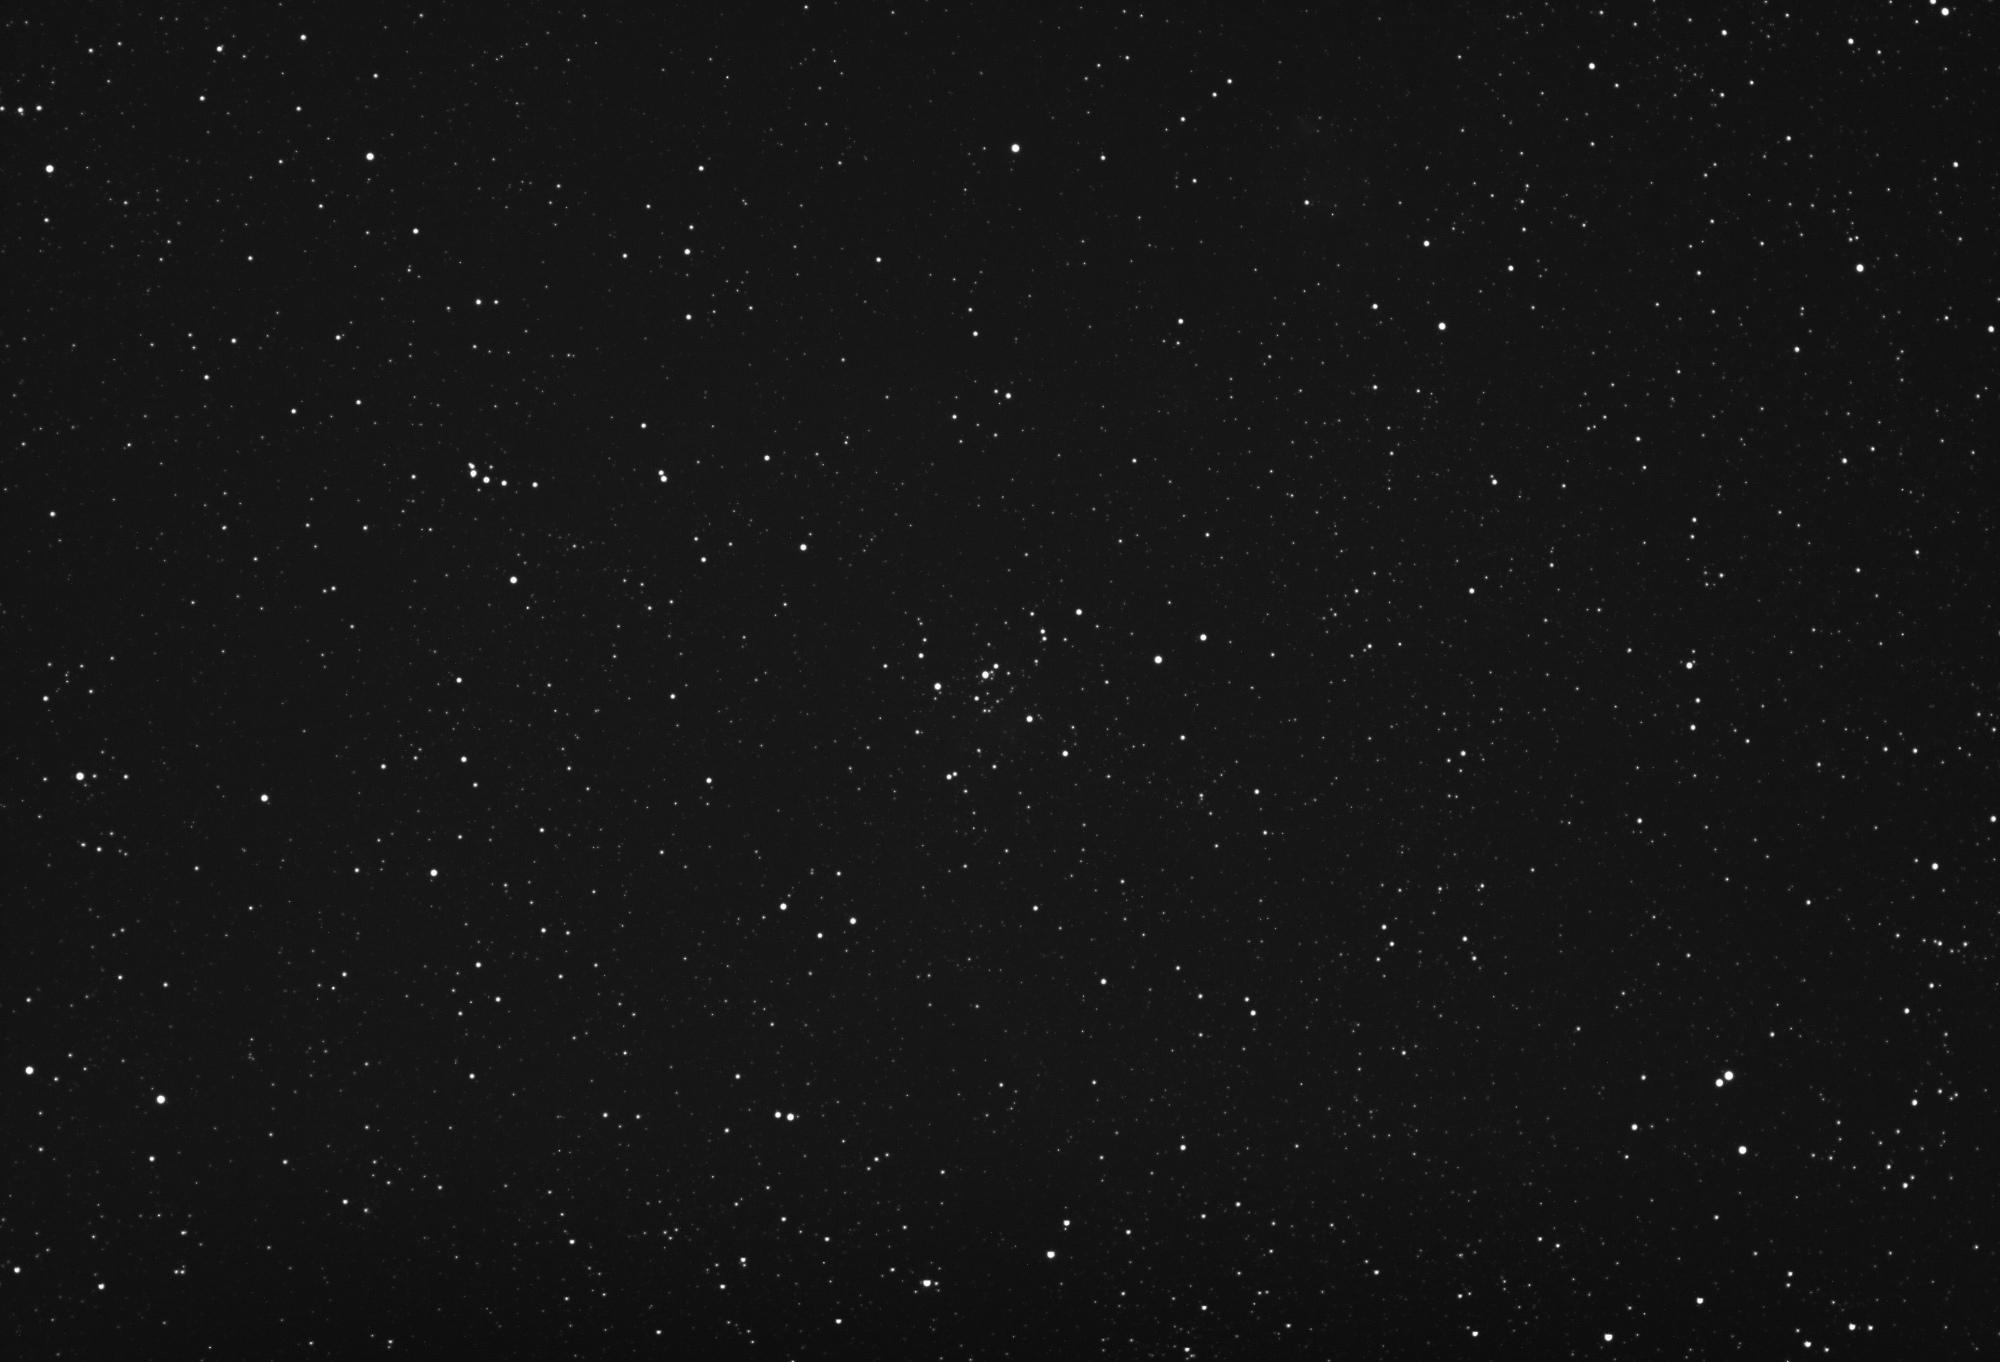 Light_IC1805_180s_1x1_gain117_-0.3C_0100.thumb.jpg.0b4c61448a03e18fdb8004e5cb580afd.jpg